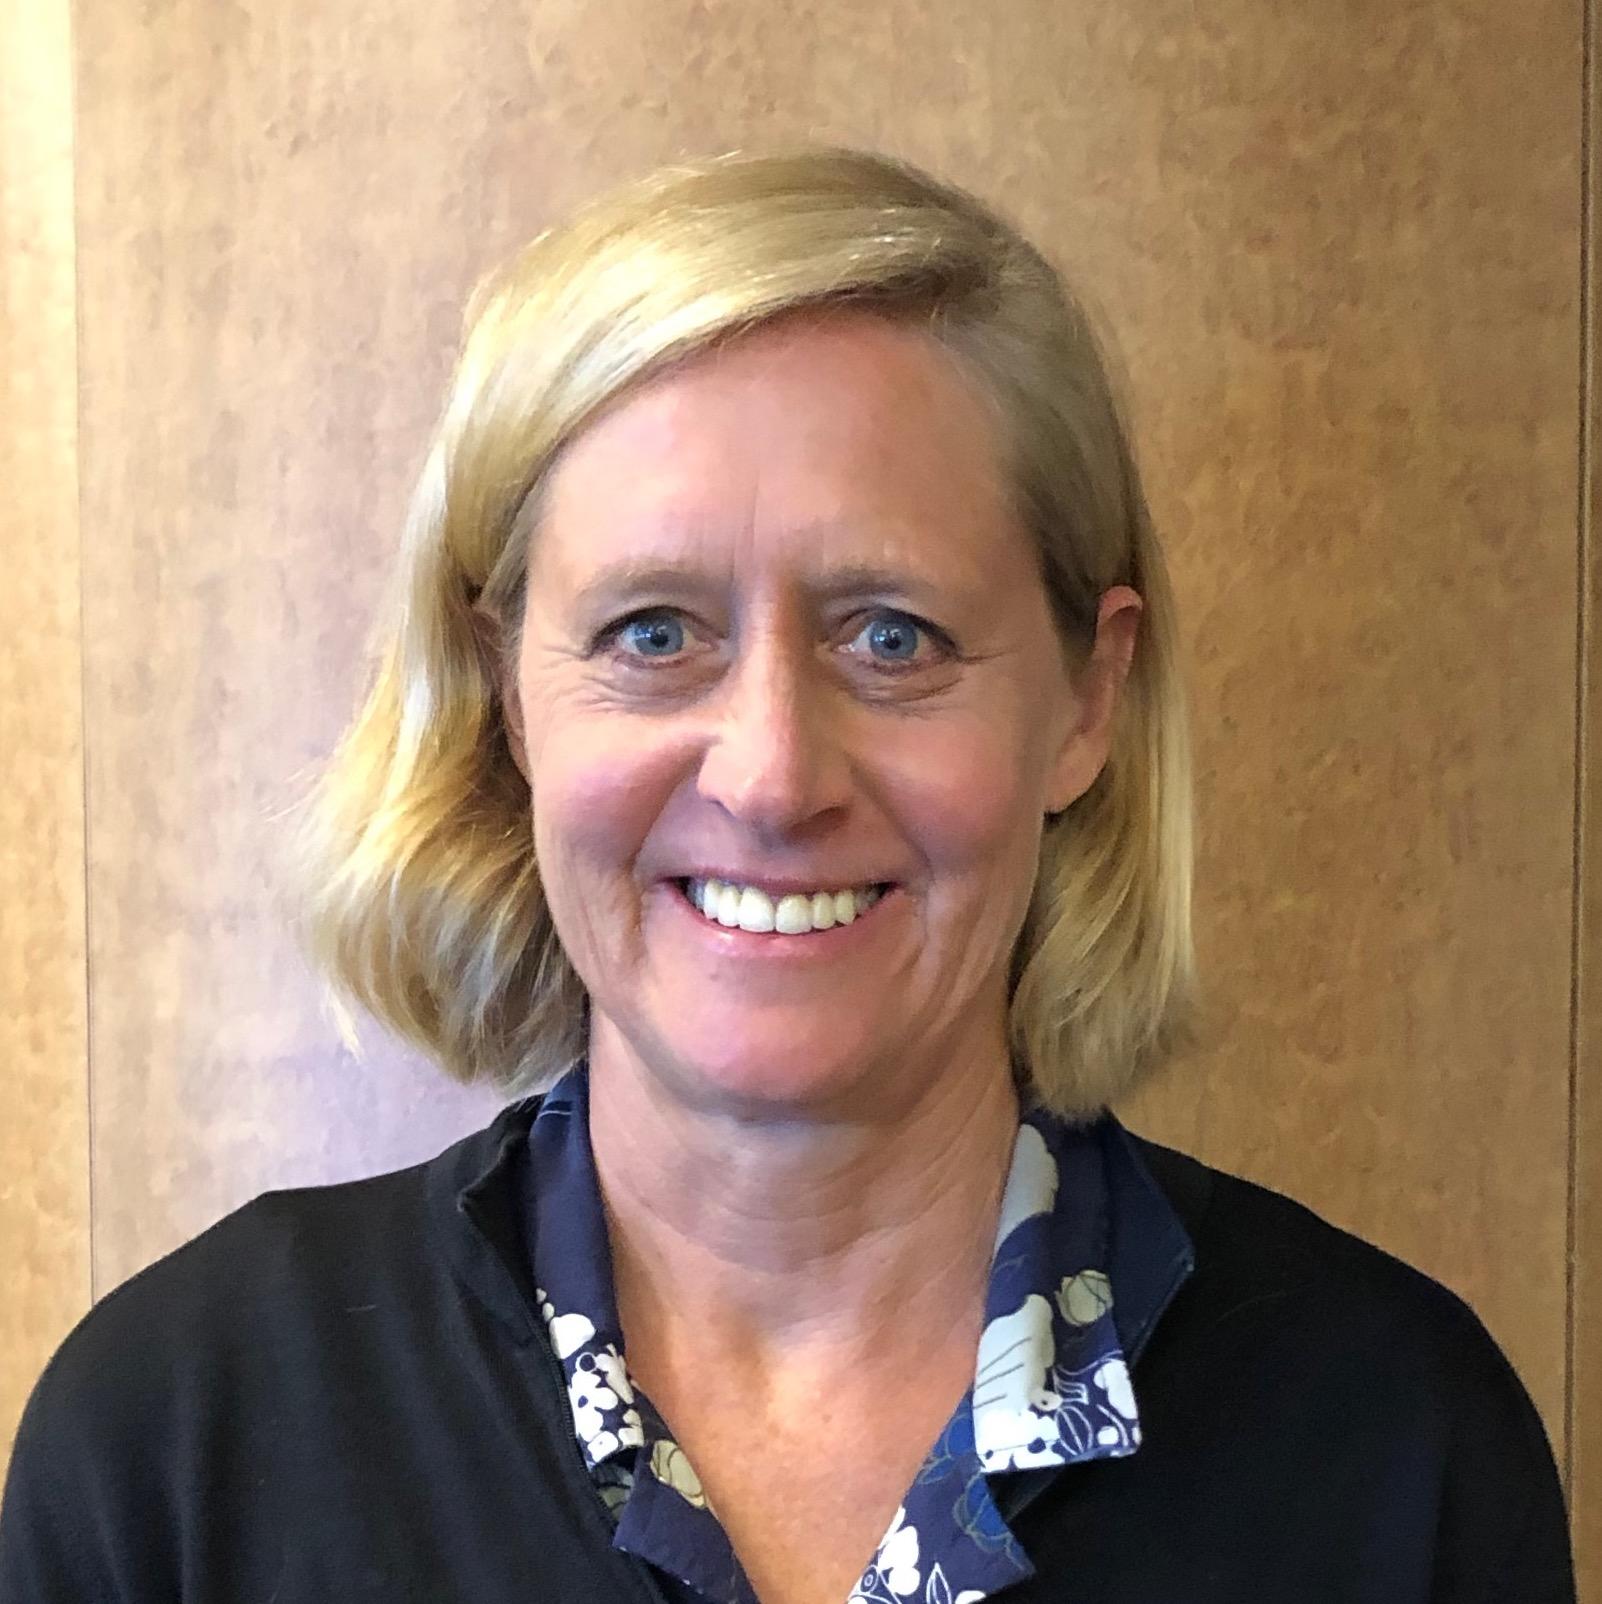 Denise Weinreis